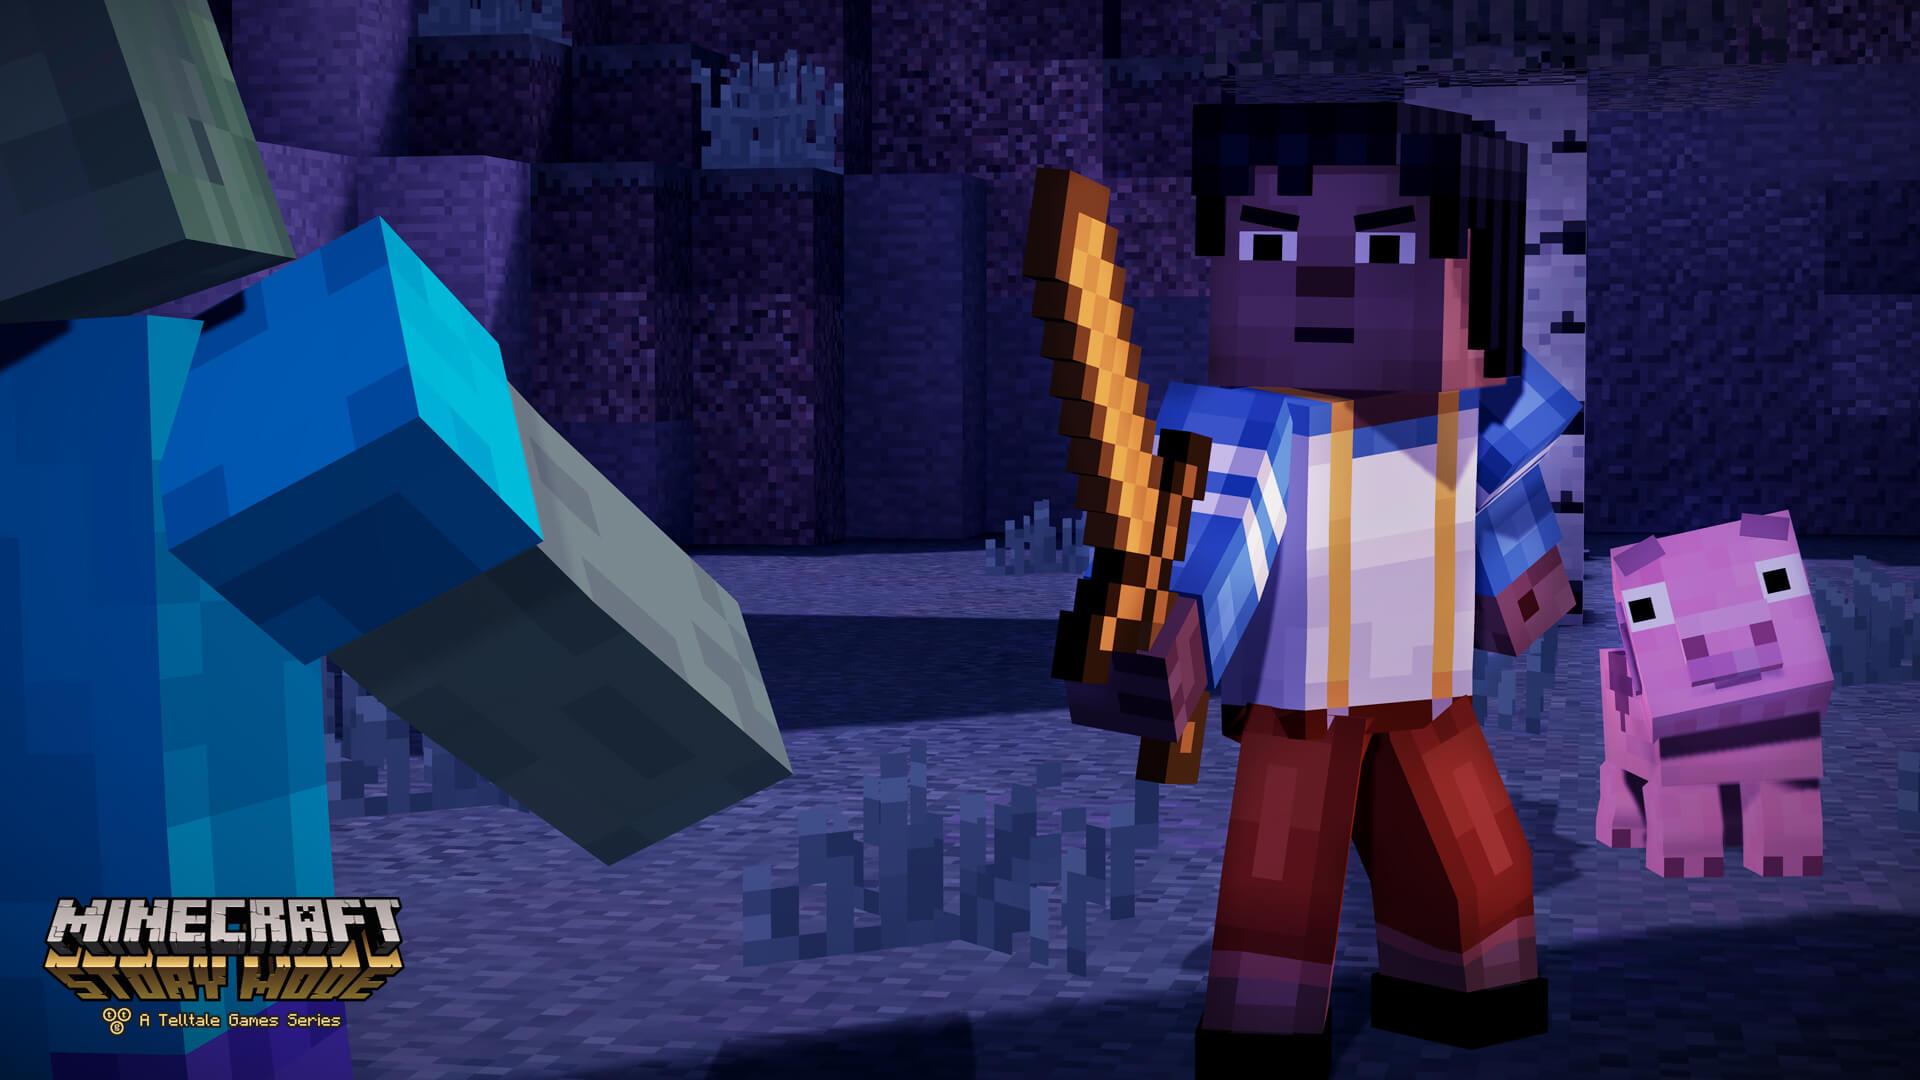 Minecraft: Story Mode - Episode 3 Скачать игру через торрент